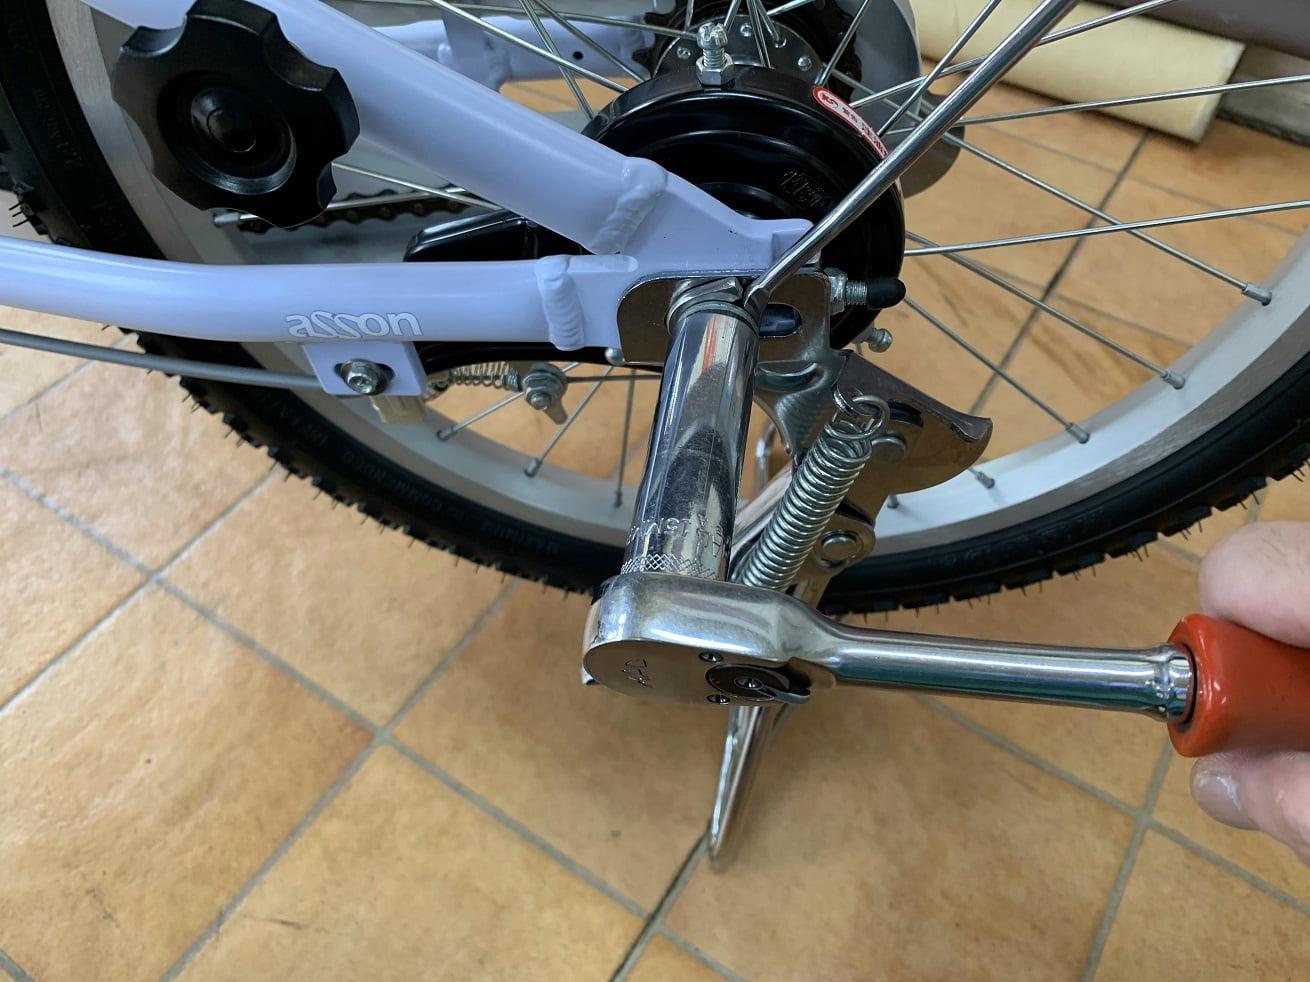 子供自転車両立スタンドを取り付けたたら工具でナットを締め付ける